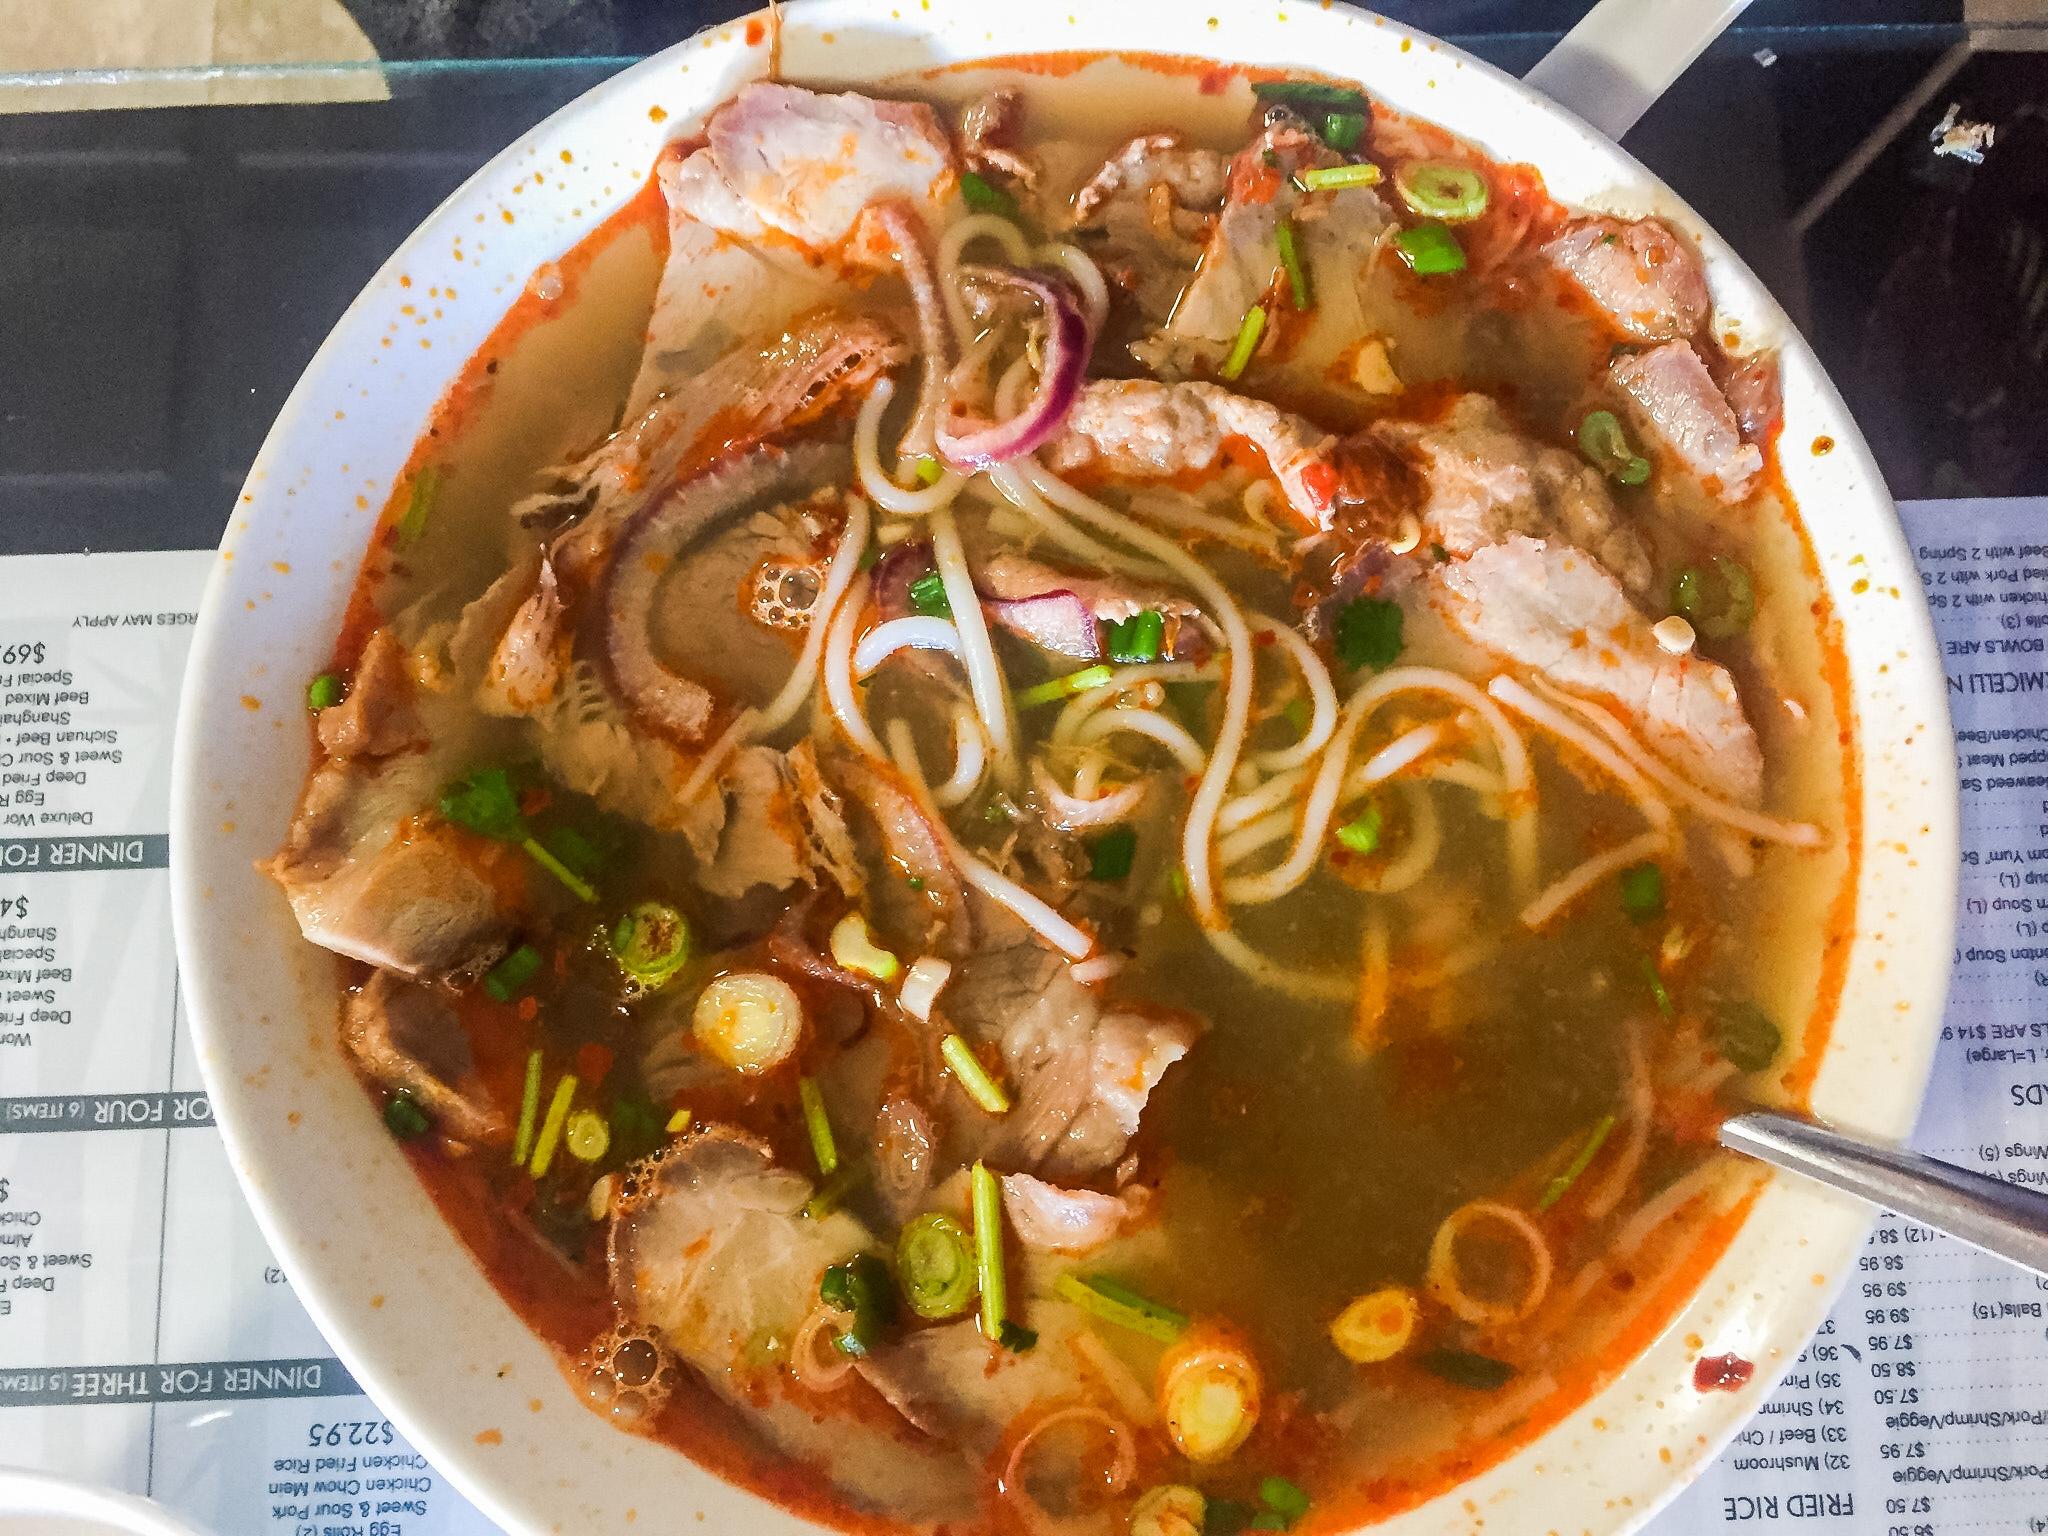 Bun Bo Hue - Spicy beef & pork. So goood